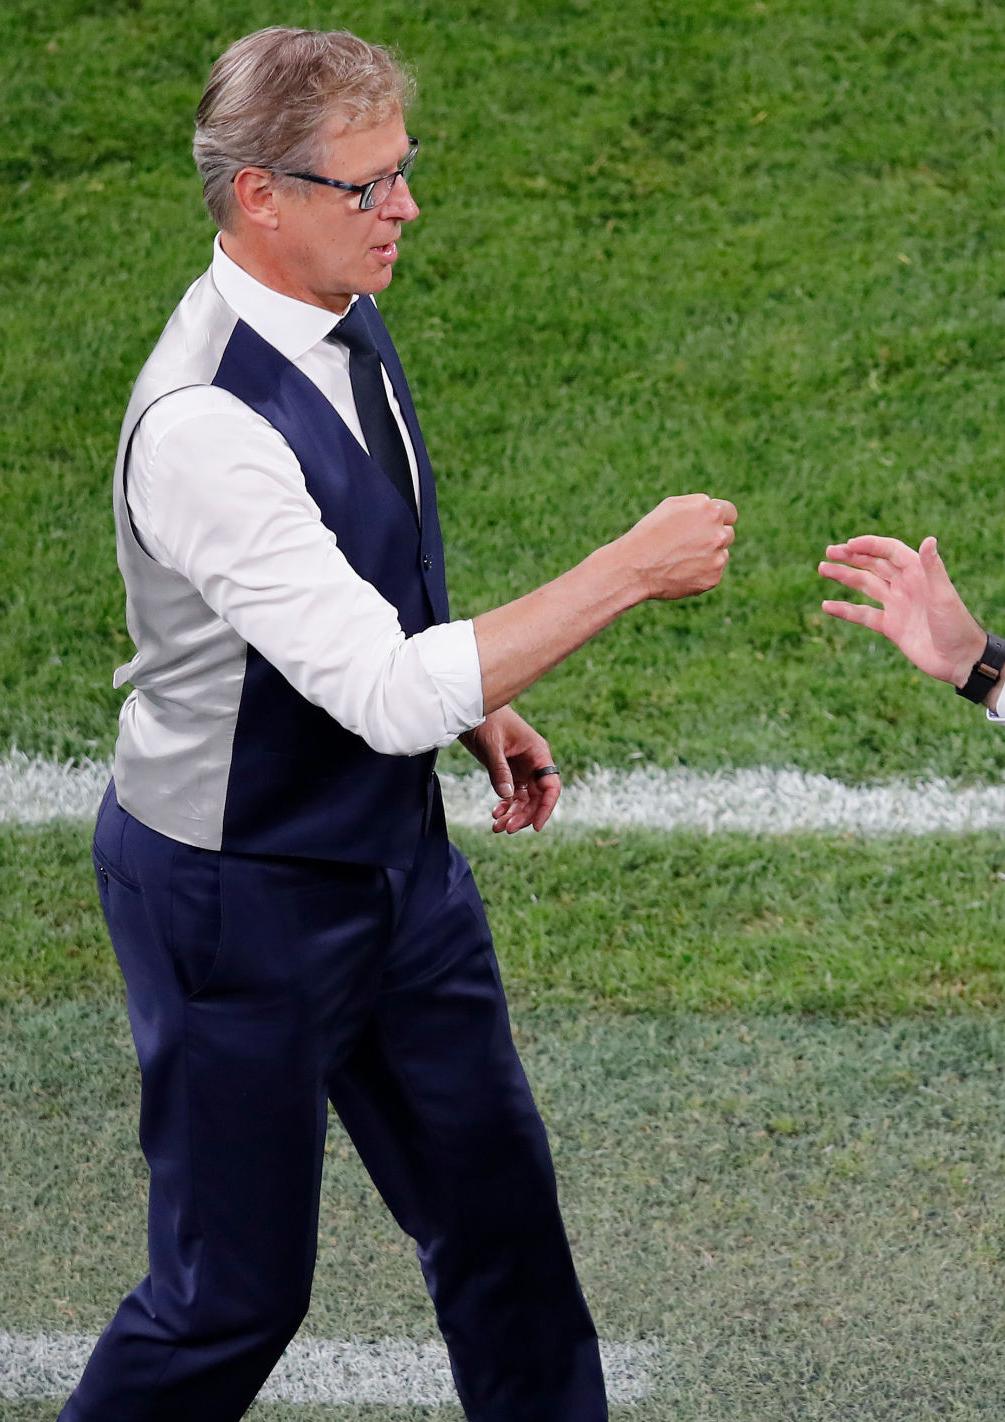 euro 2020 waistcoat